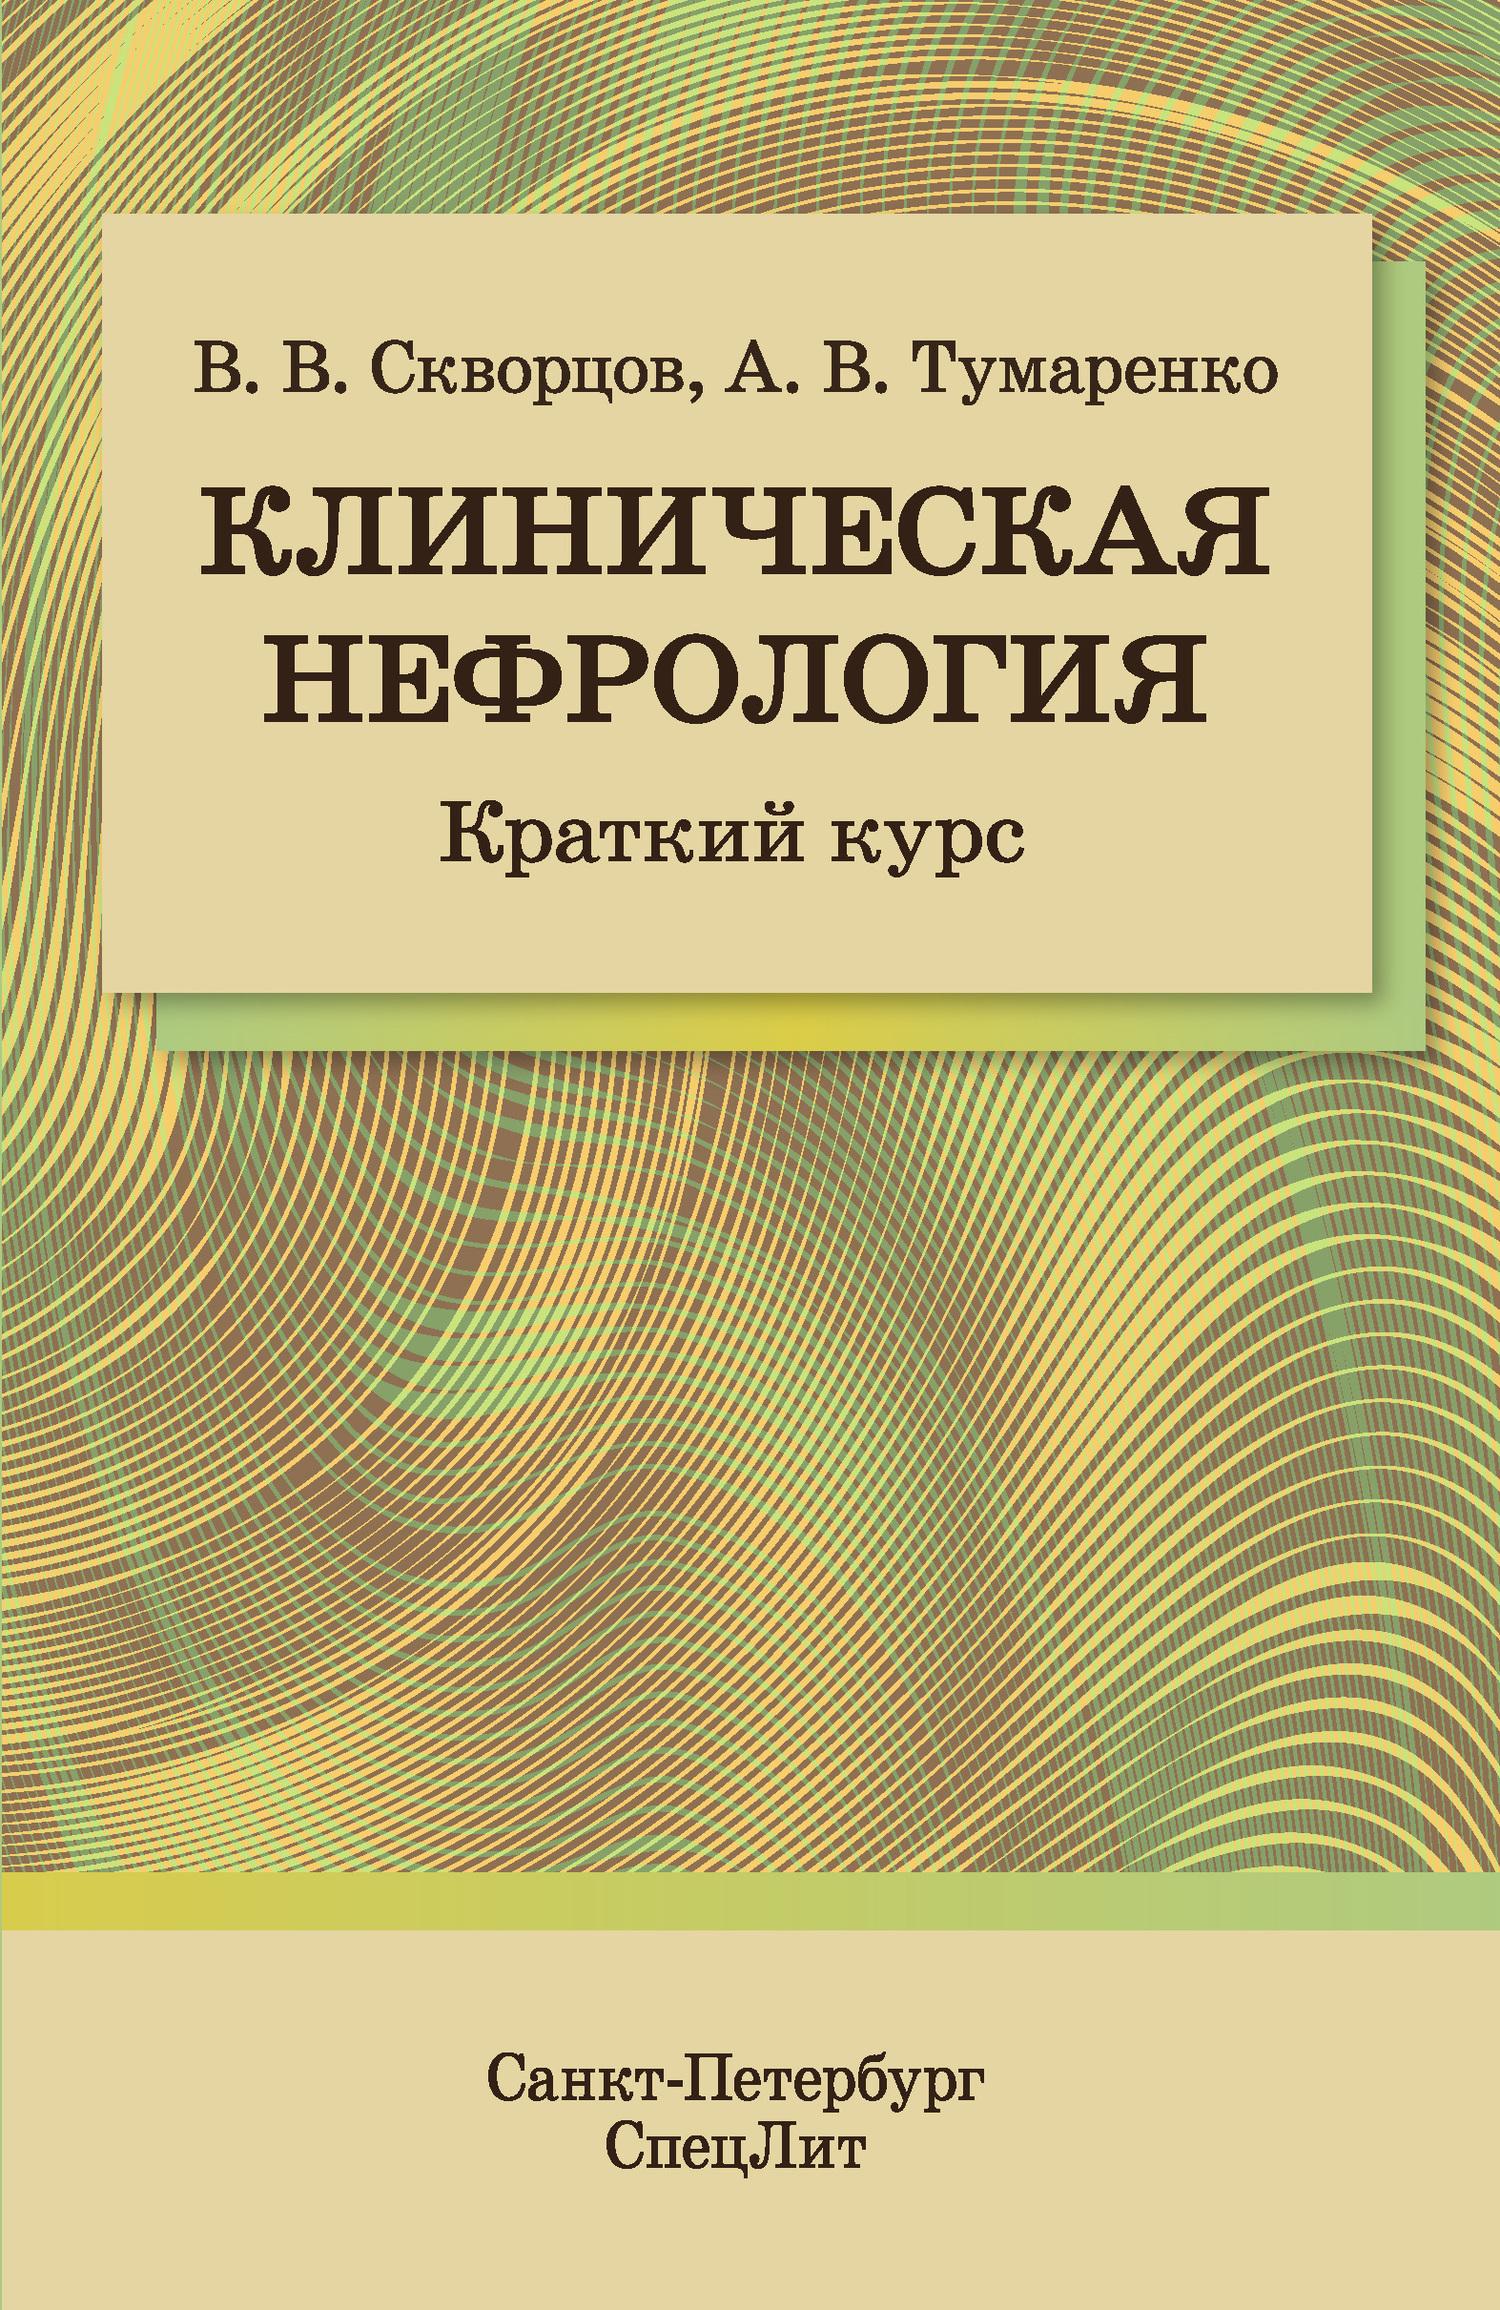 В. В. Скворцов Клиническая нефрология. Краткий курс